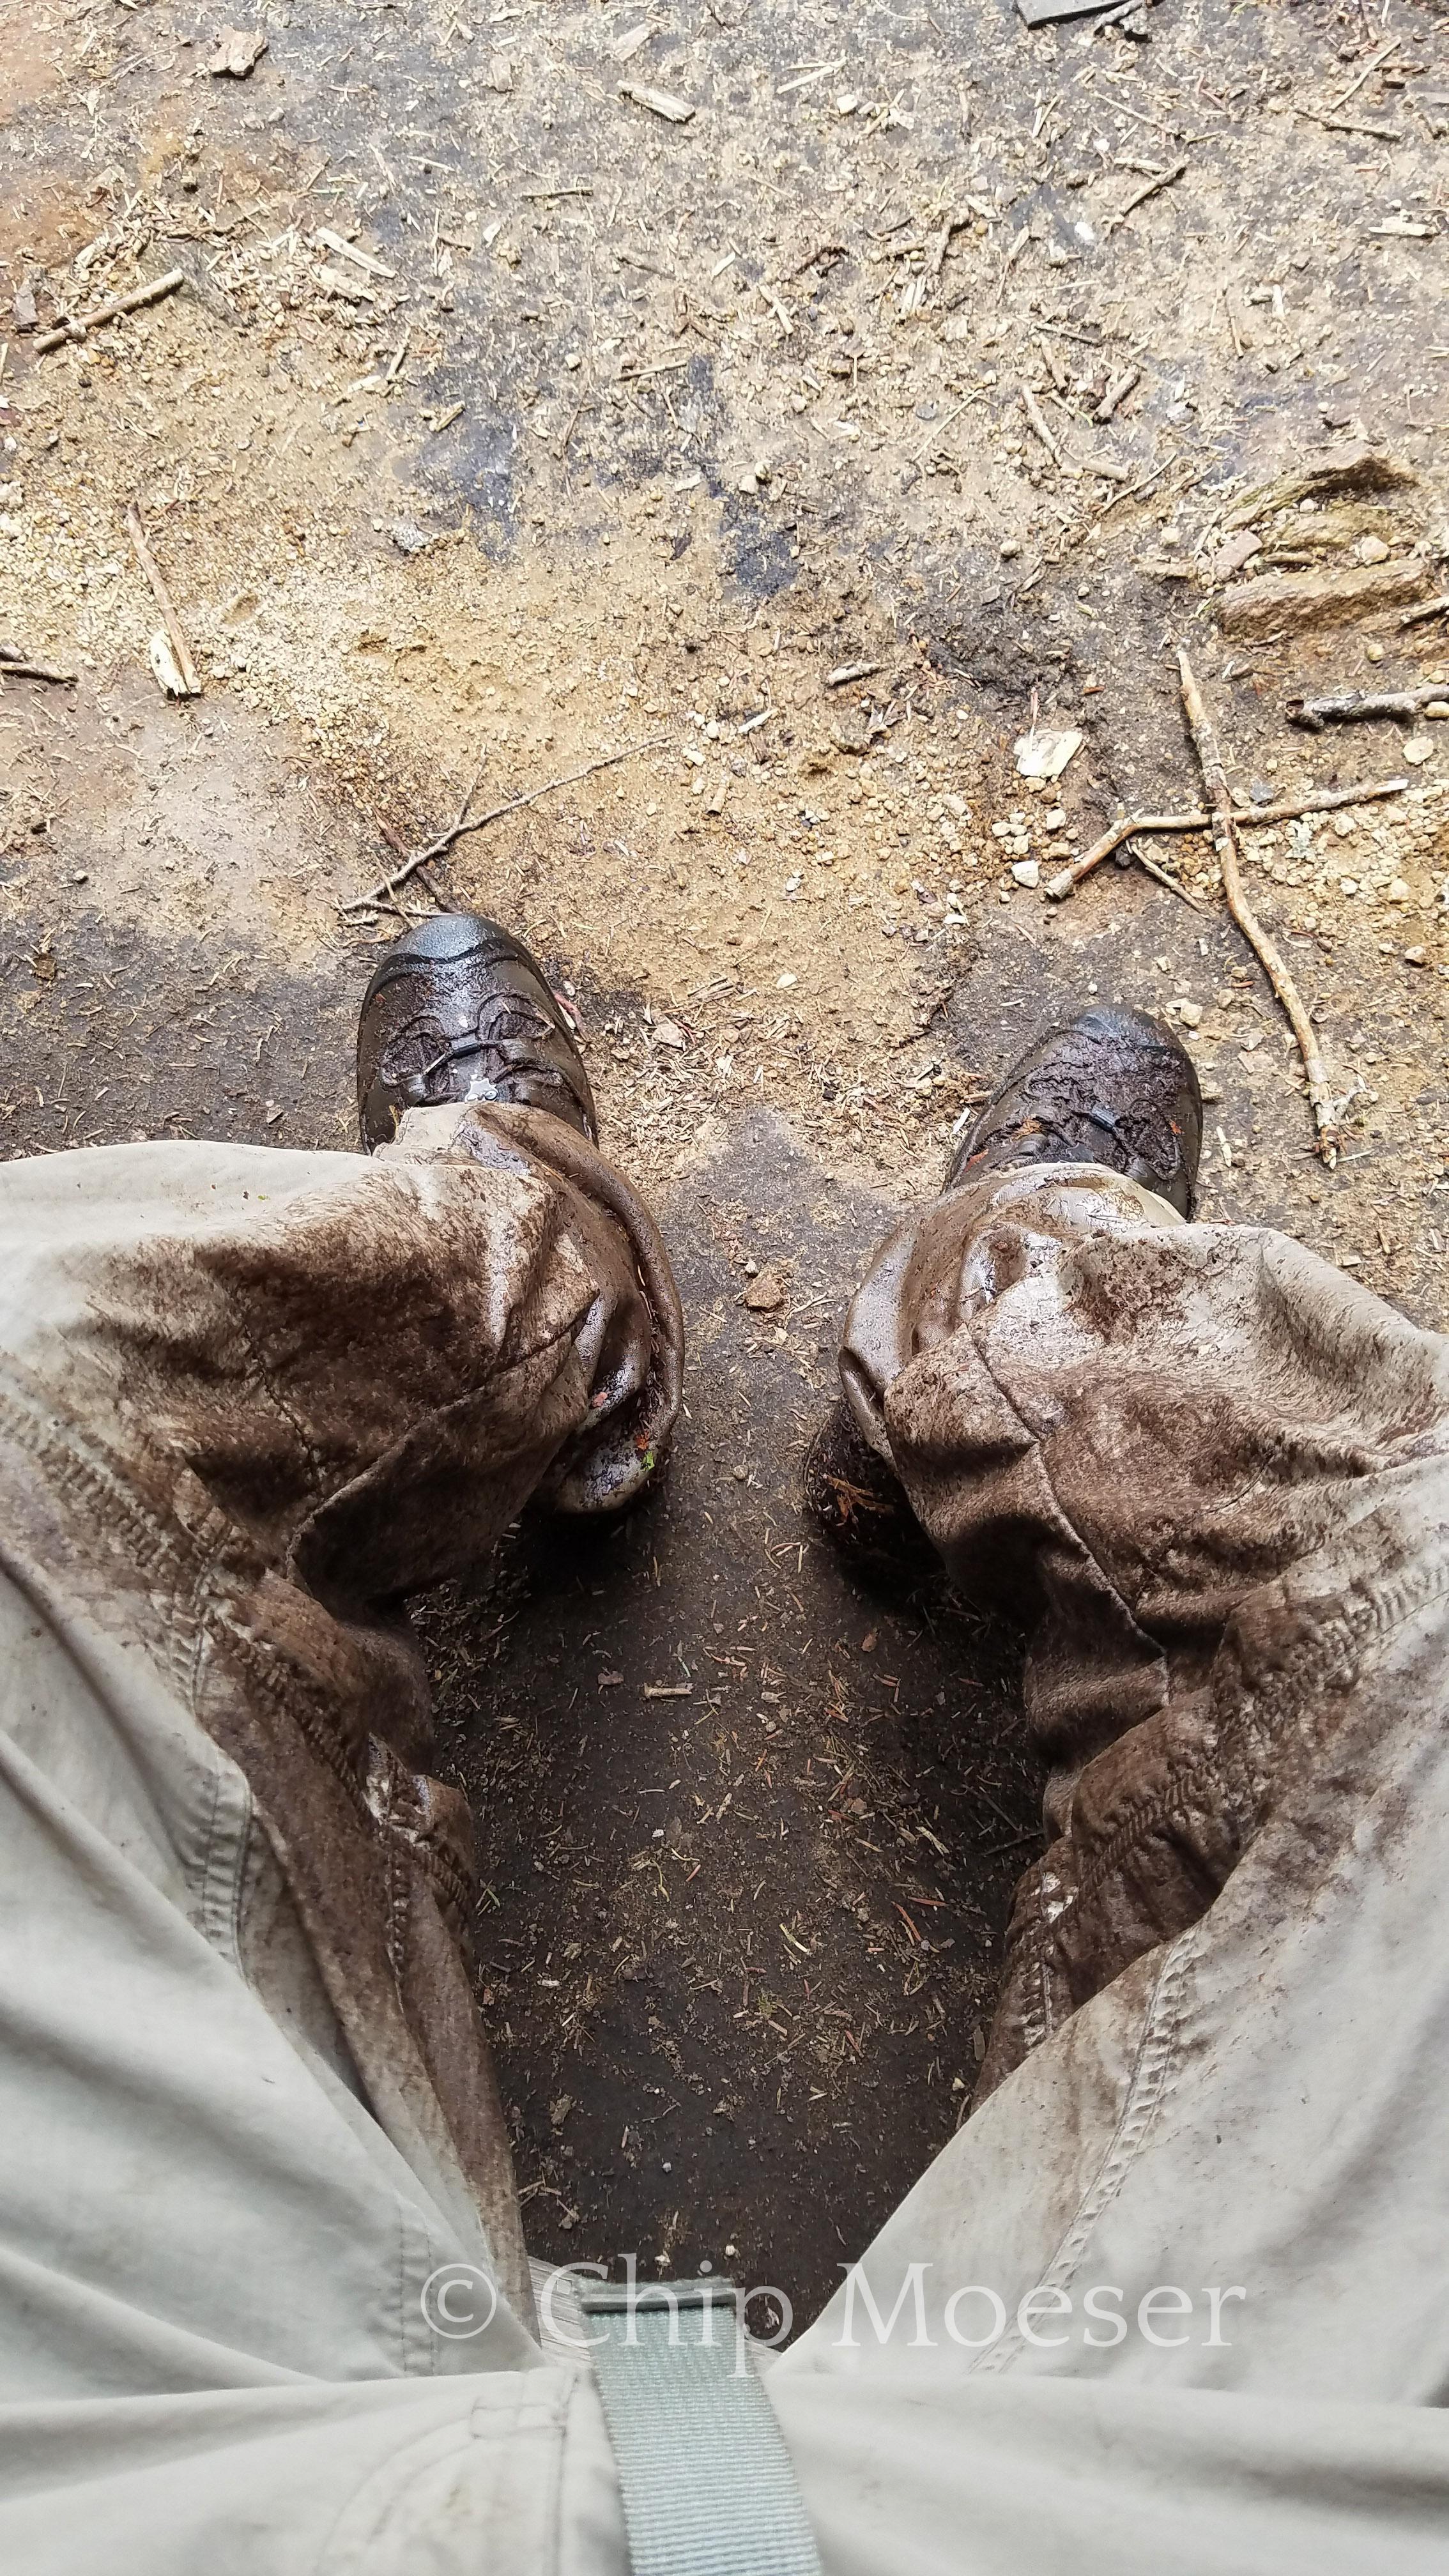 He was a mudder!